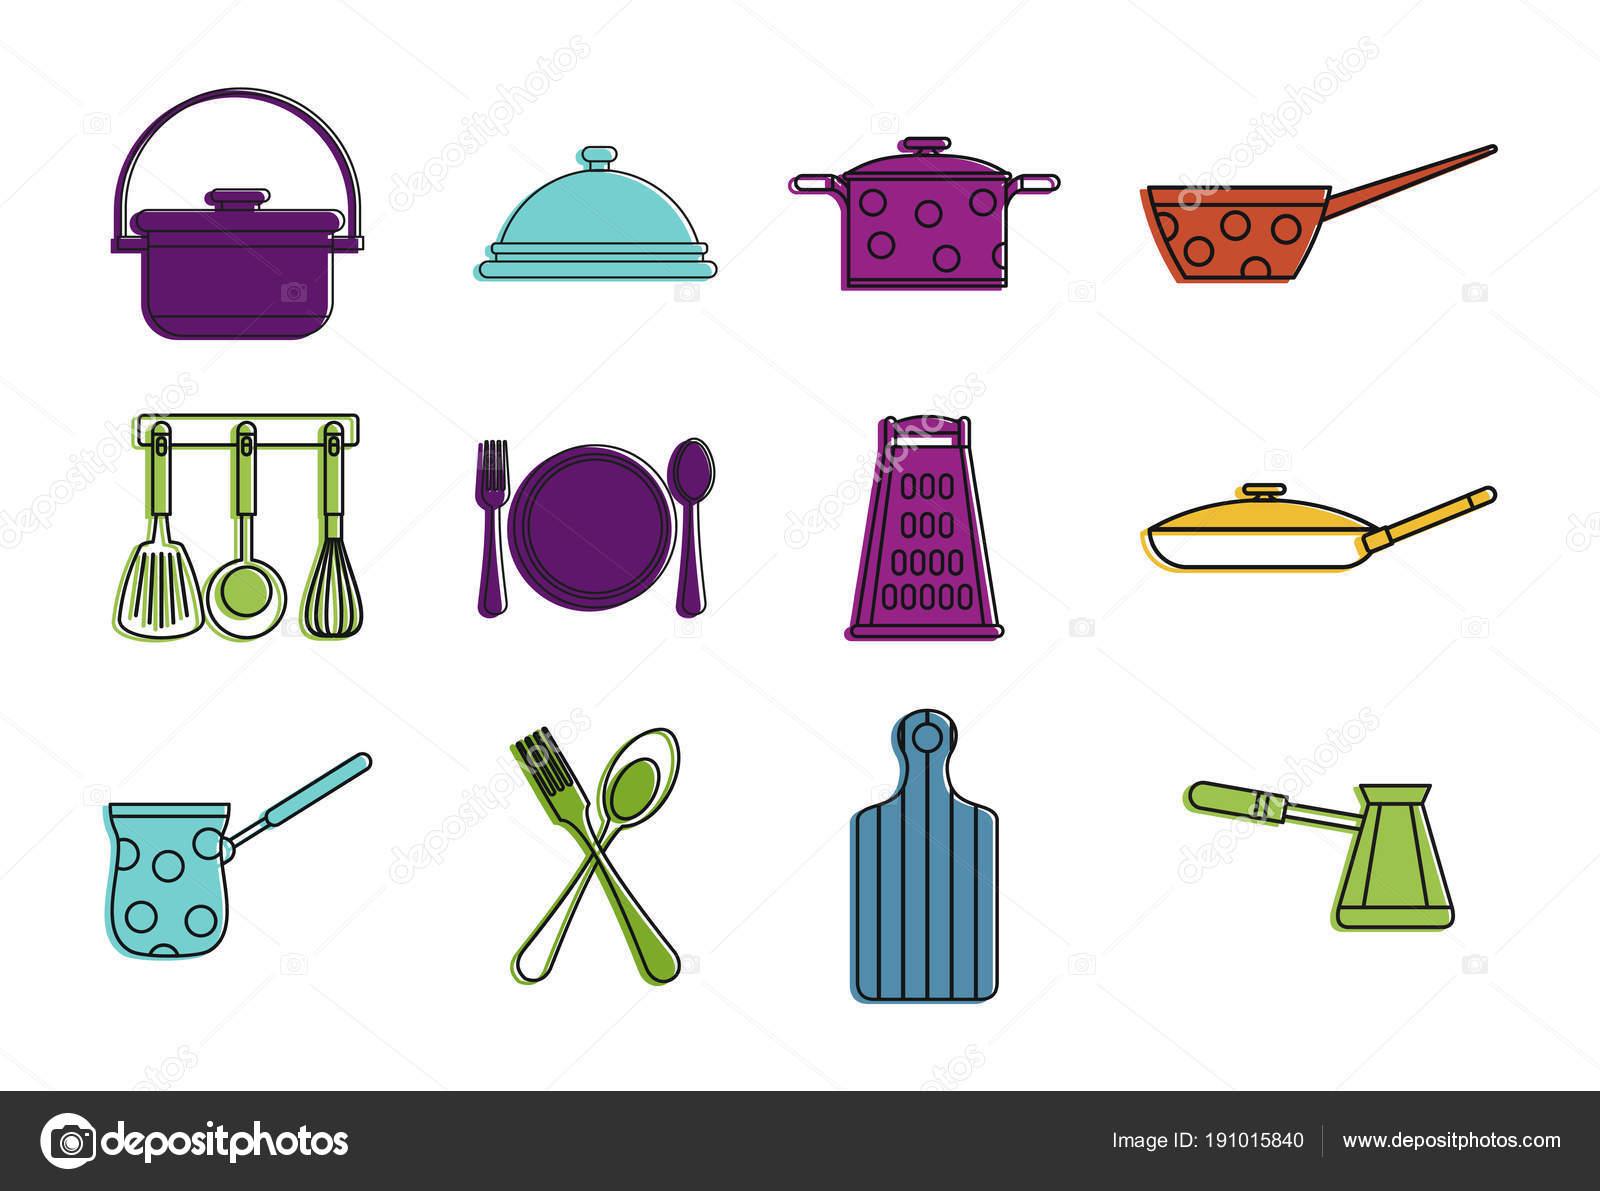 Wunderbar Diy Küchenschrank Nachbearbeiten Kit Fotos - Küche Set ...